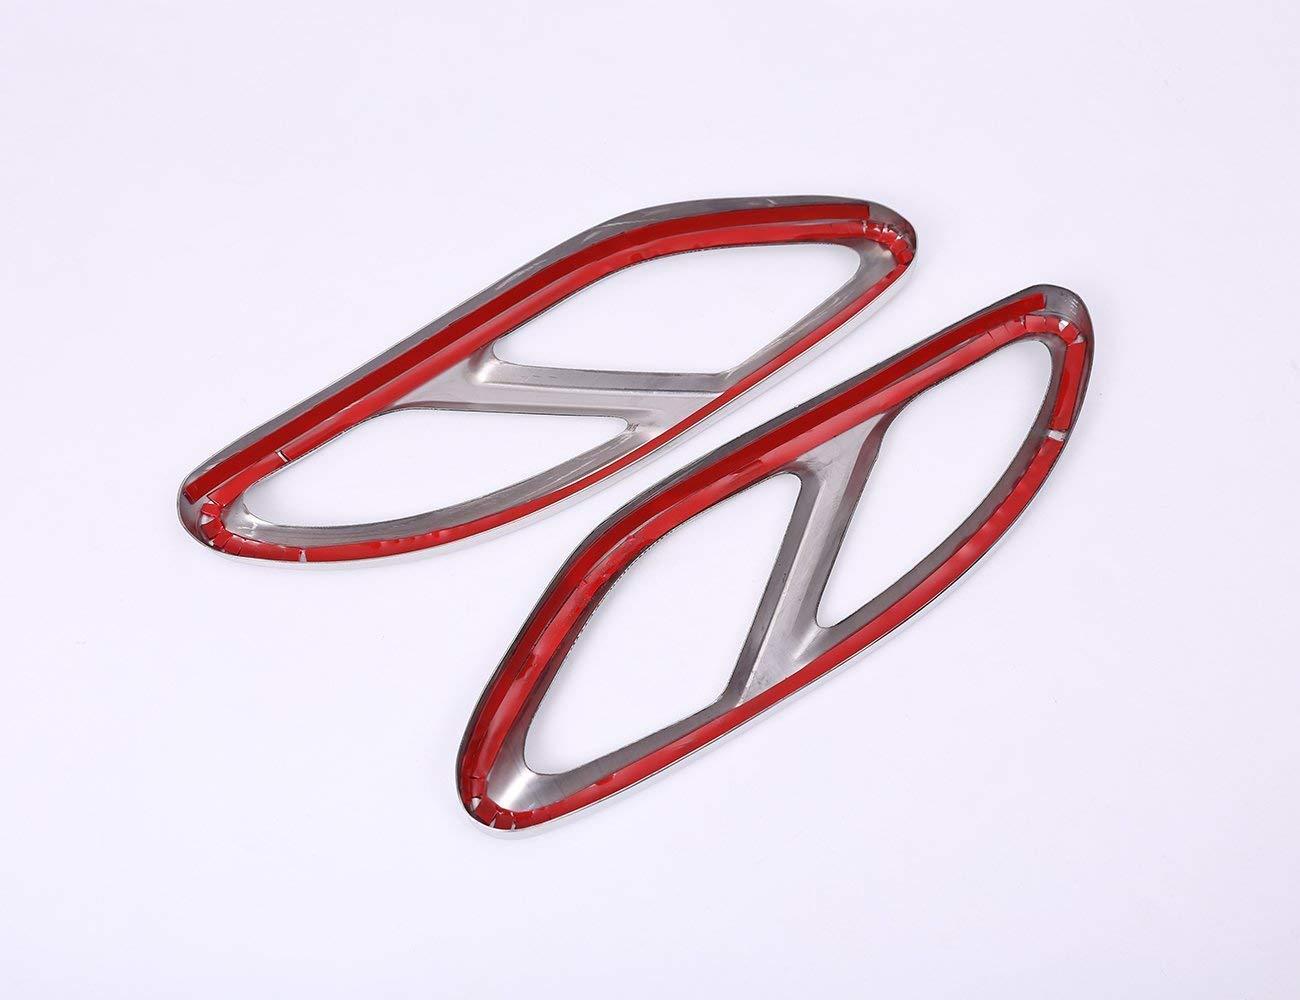 AUTO Pro per Mercedes-Benz Tailstock Trim Cover in Acciaio Inox Tubo di Scarico Gola Output Raccordi Esterni Auto